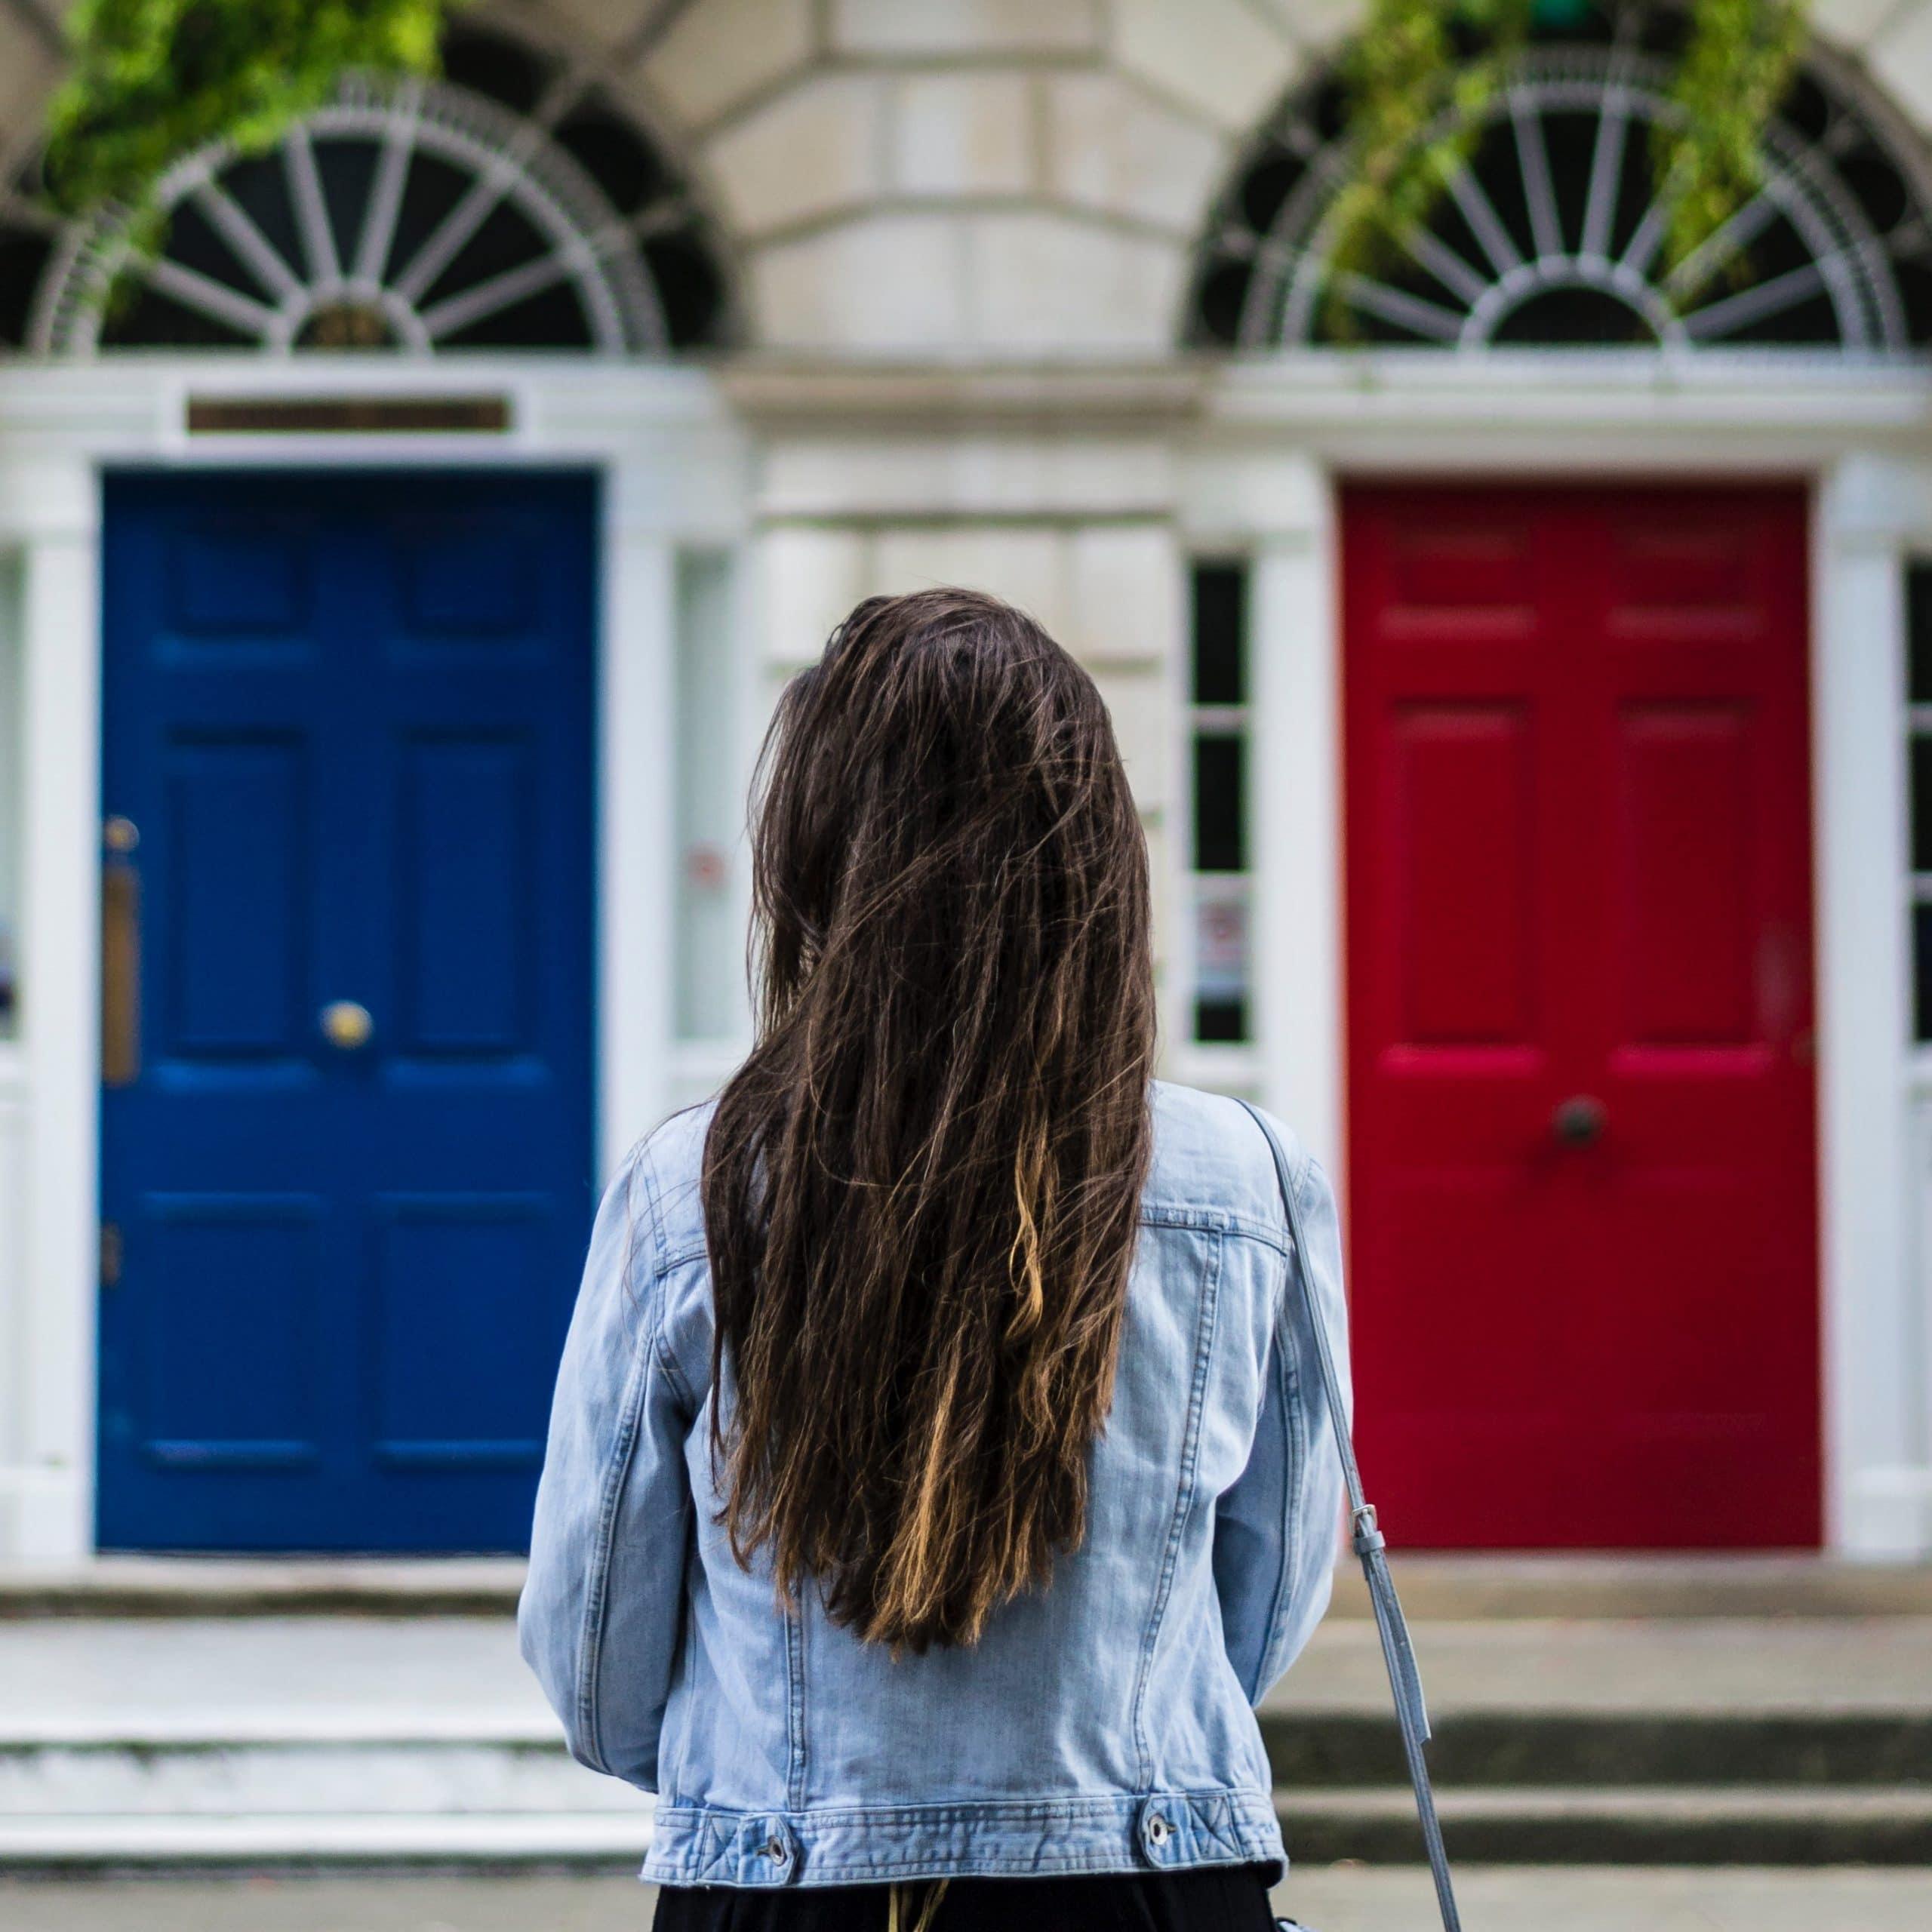 Mulher observando duas portas diferentes.